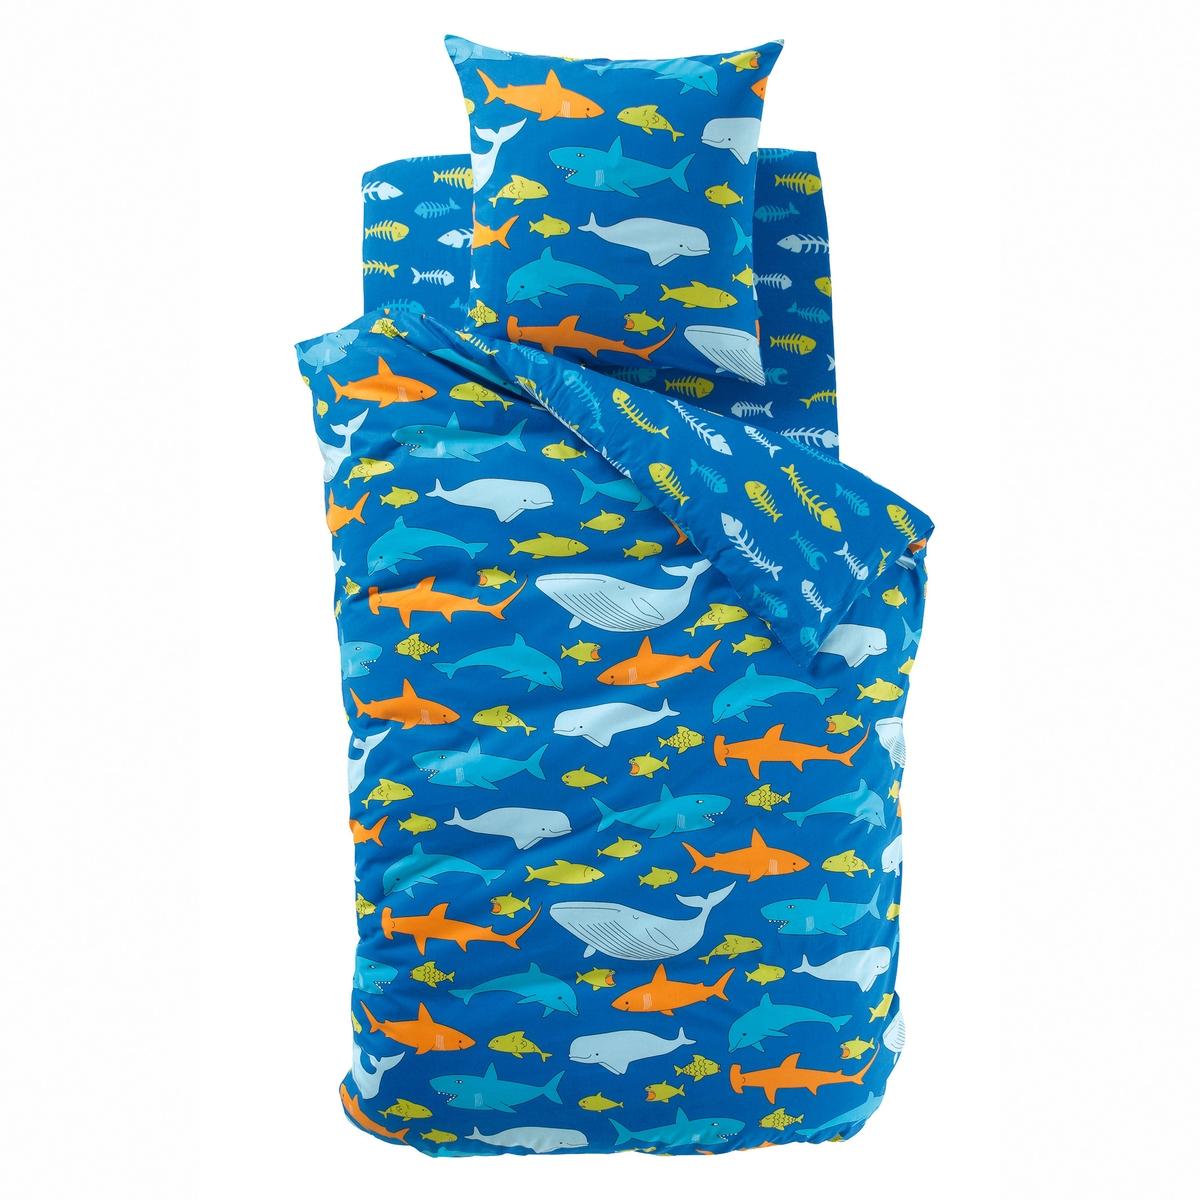 Пододеяльник детский, FISH GANG, 100% хлопкаСостав и описание:Материал: 100% хлопка плотного переплетения, 52 нити/см?. Чем больше нитей/см?, тем выше качество материала.Рисунок: лицевая сторона: рисунок в виде синих, зеленых и оранжевых рыб на темно-синем фоне. оборотная сторона: рисунок в виде рыбьих скелетов синего и зеленого цвета на темно-синем фоне. Уход: Стирка при 60°C.Знак Oeko-Tex® гарантирует, что товары прошли проверку и были изготовлены без применения вредных для здоровья человека веществ.Найдите наволочки и простынь той же расцветки на сайте  laredoute.ruРазмеры:140 x 200 см200 х 200 см<br><br>Цвет: синий/ оранжевый<br>Размер: 140 x 200  см